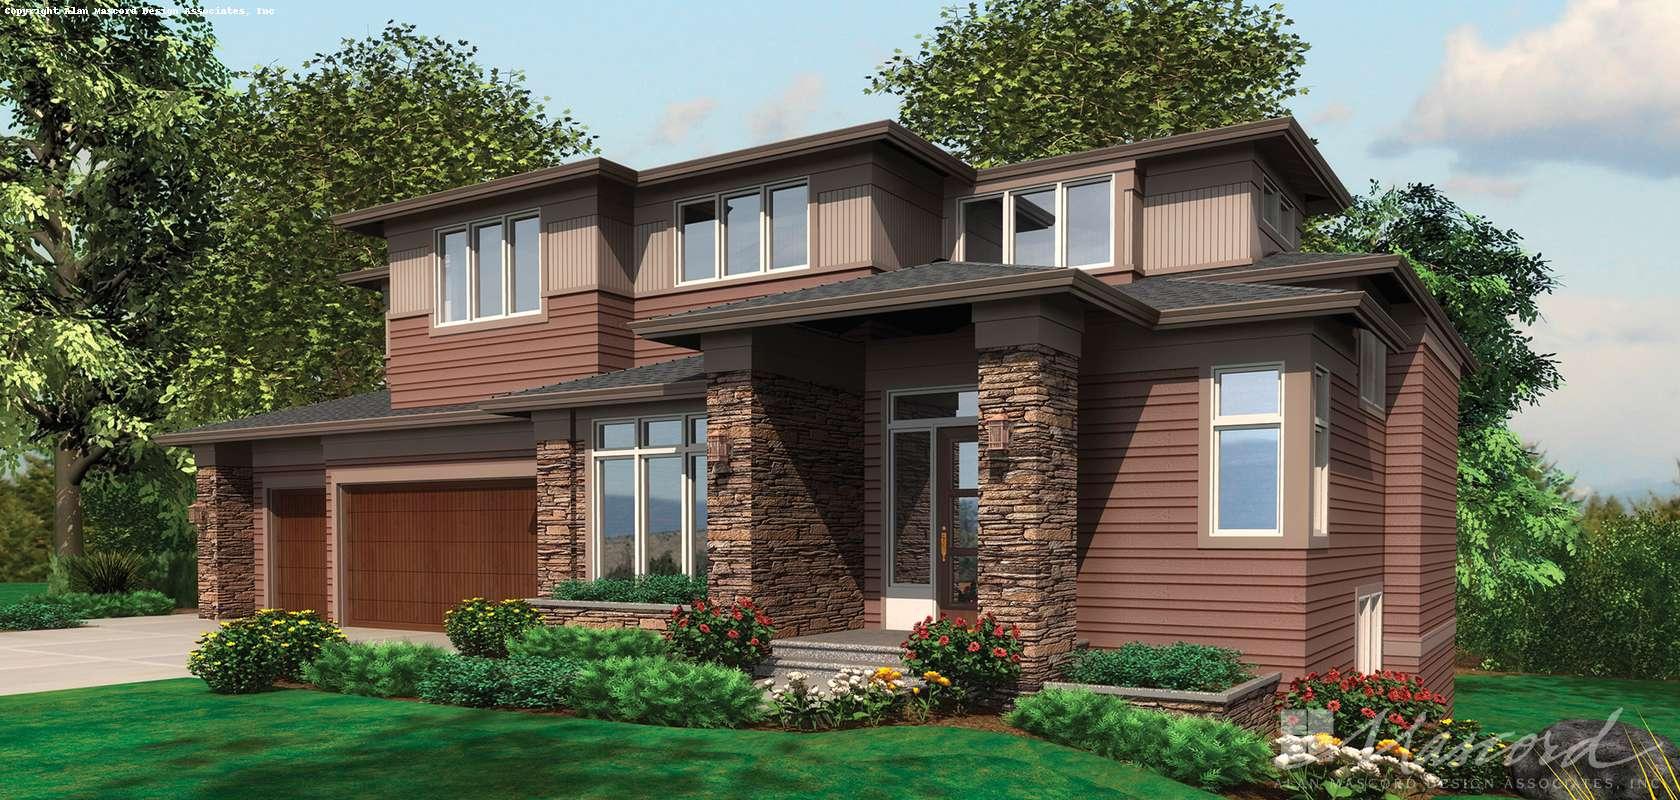 Mascord House Plan 2450: The Karstan